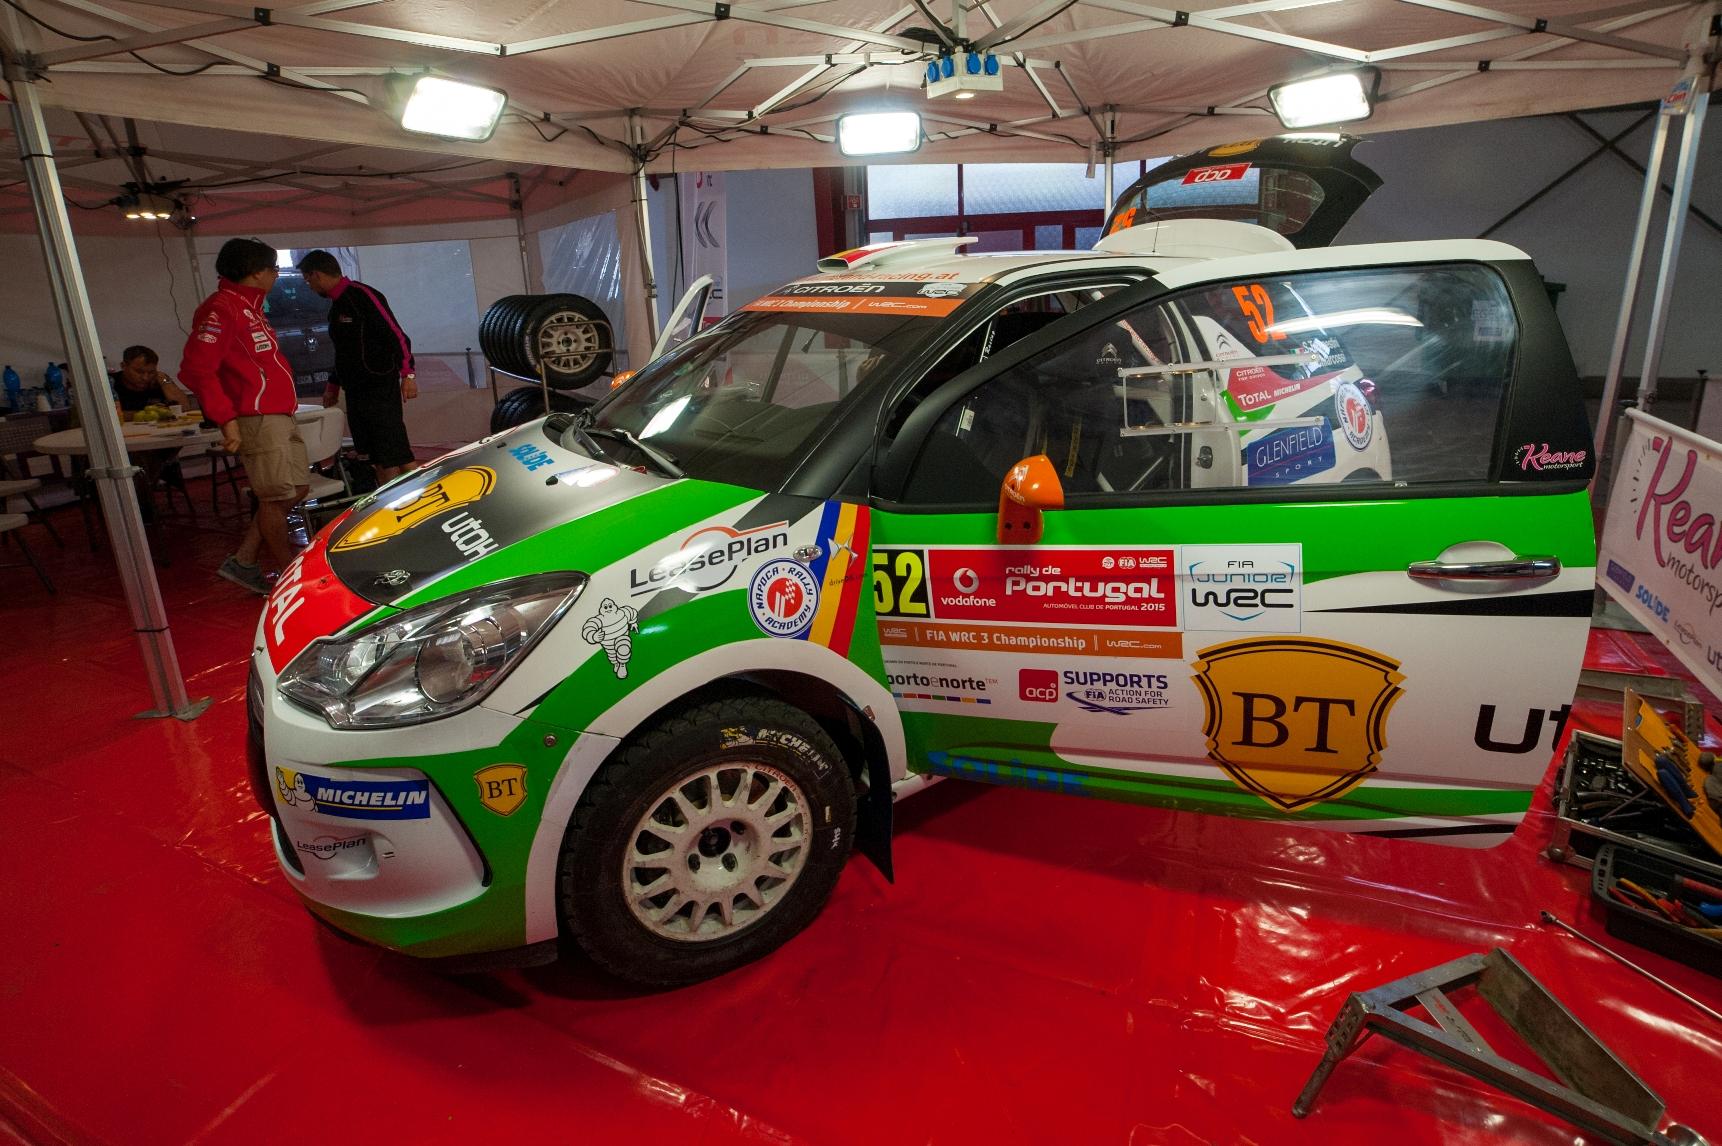 Simone Tempestini și Marco Tempestini vor lua startul în Raliul Portugaliei